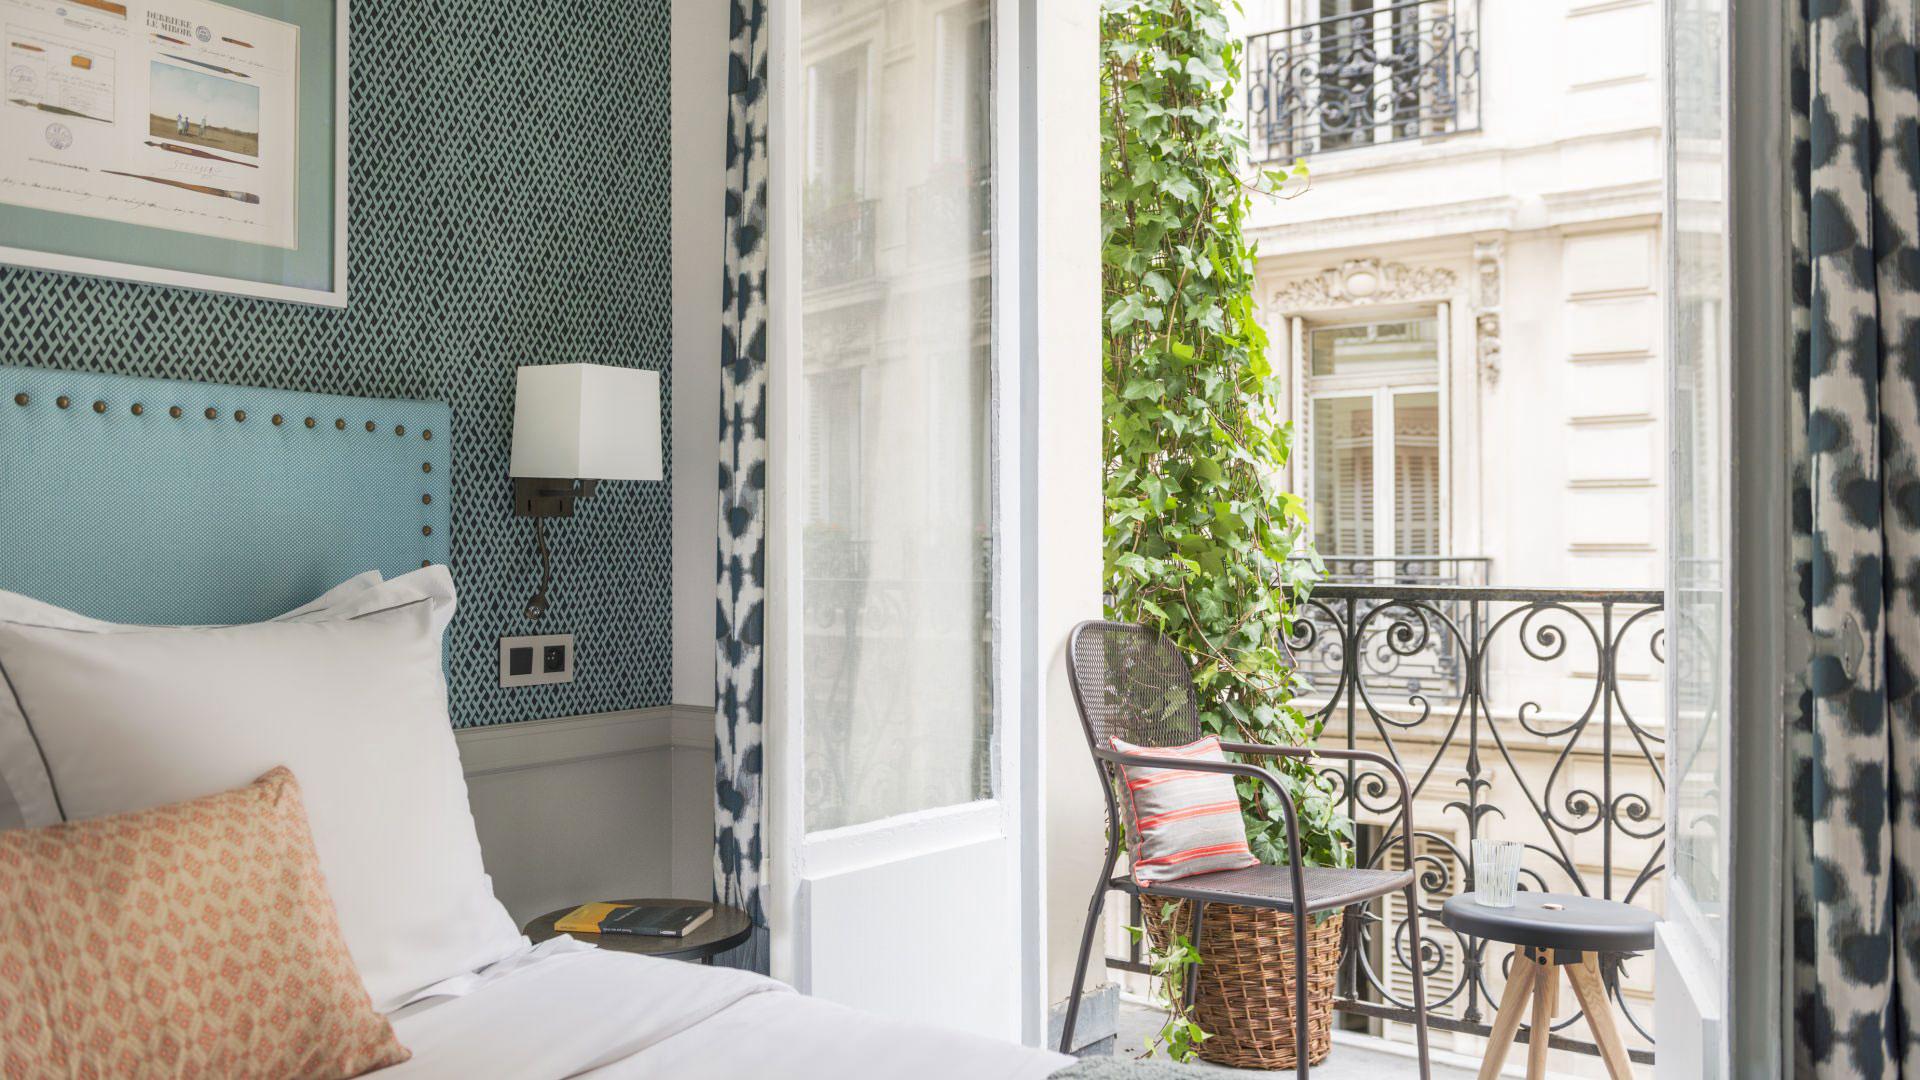 Boetiekhotel Hôtel Adèle & Jules overnachting in Parijs tip